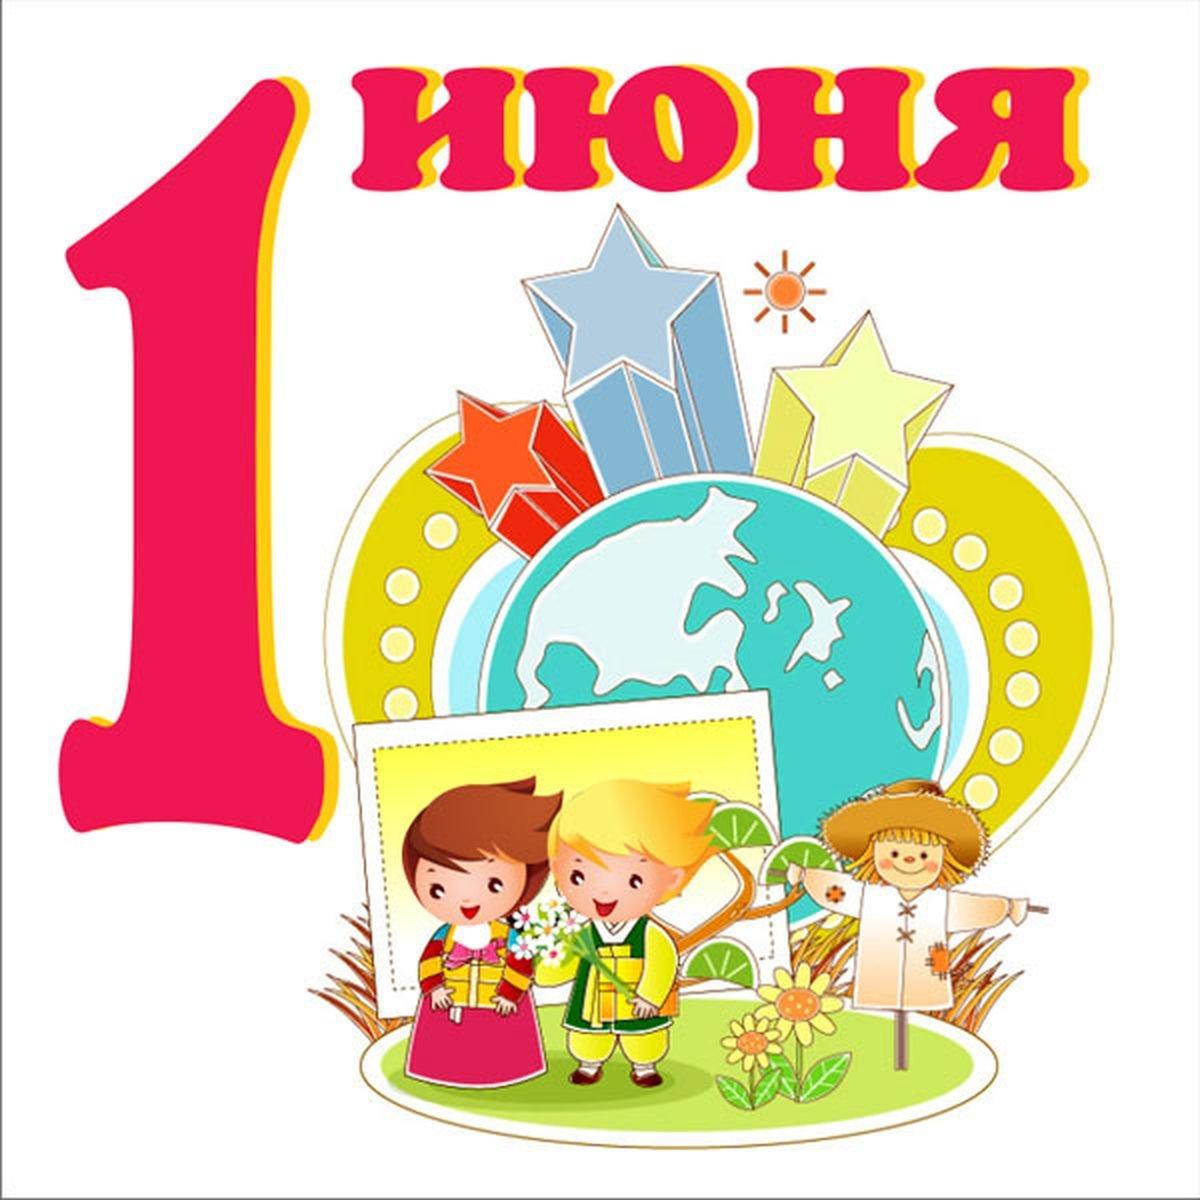 1 июня - День защиты детей. План мероприятий.